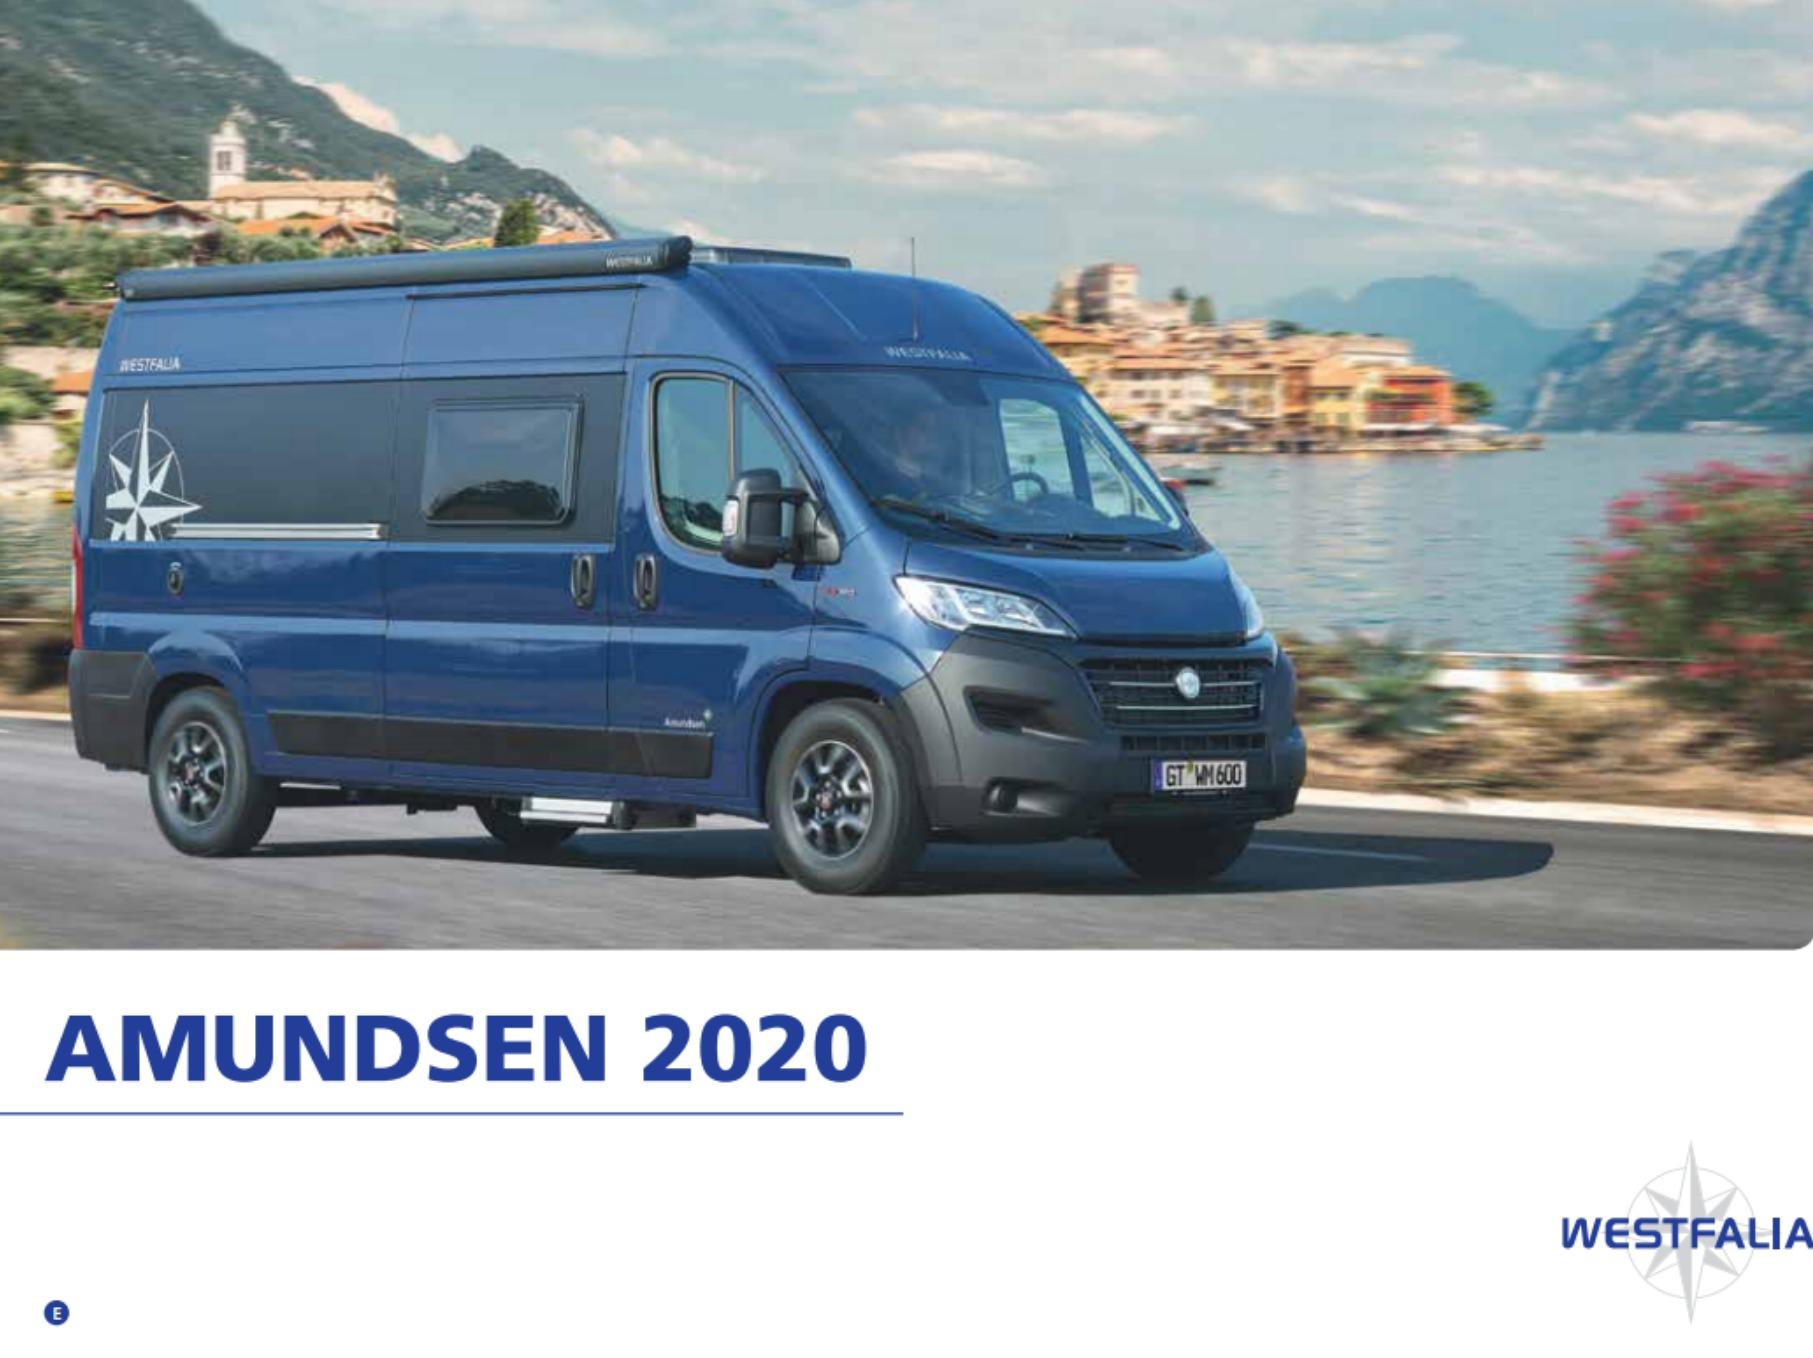 2020 Westfalia Amundsen Brochure